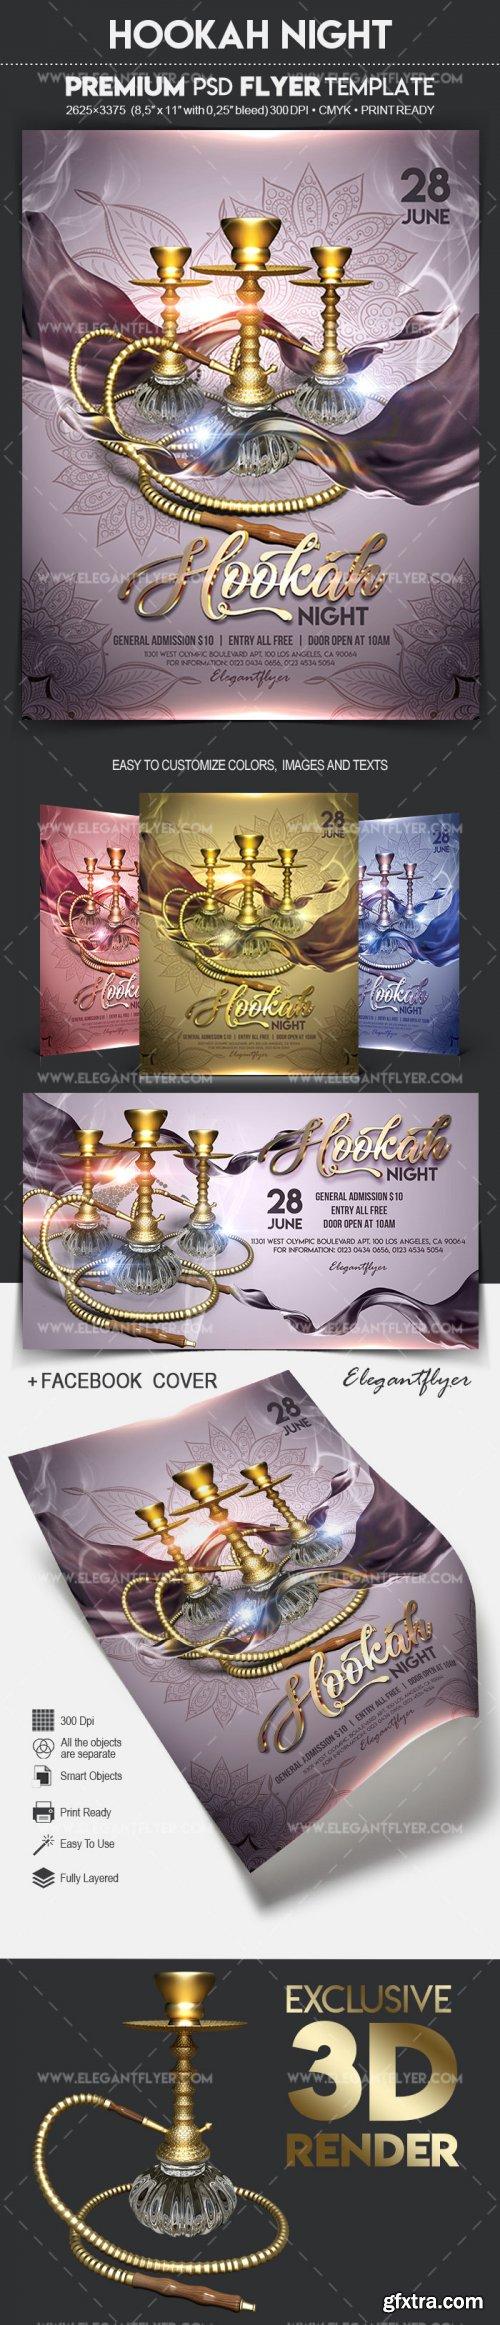 Hookah Night V6 2018 Flyer PSD Template